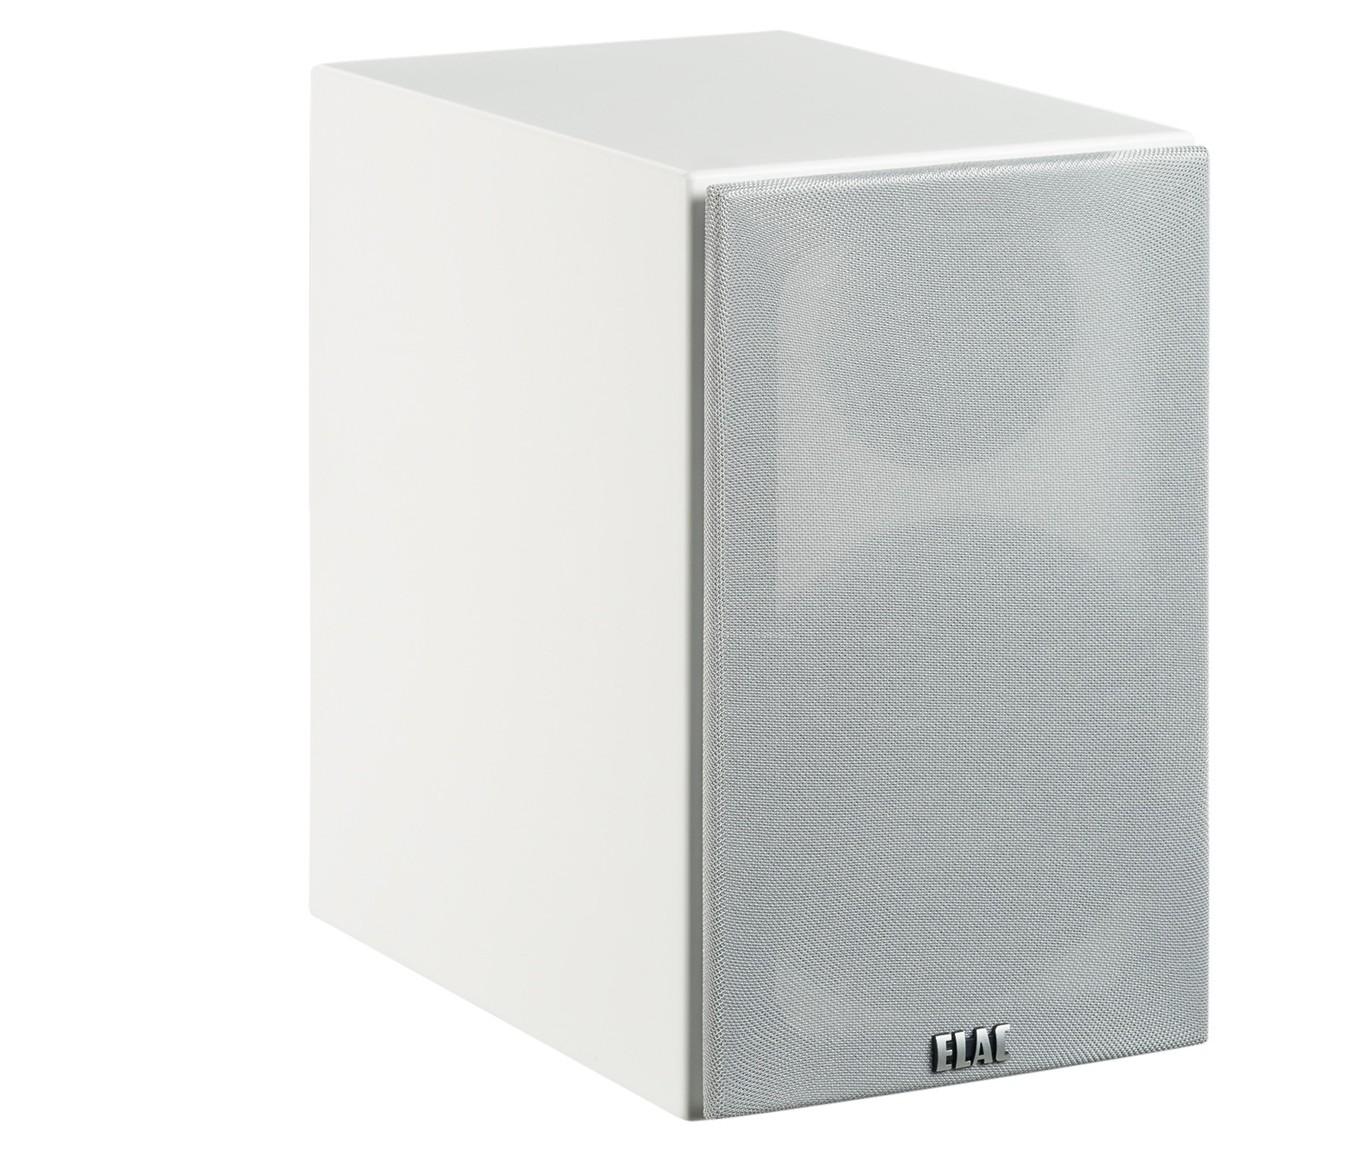 Lautsprecher Stereo Elac BS 73 im Test, Bild 15